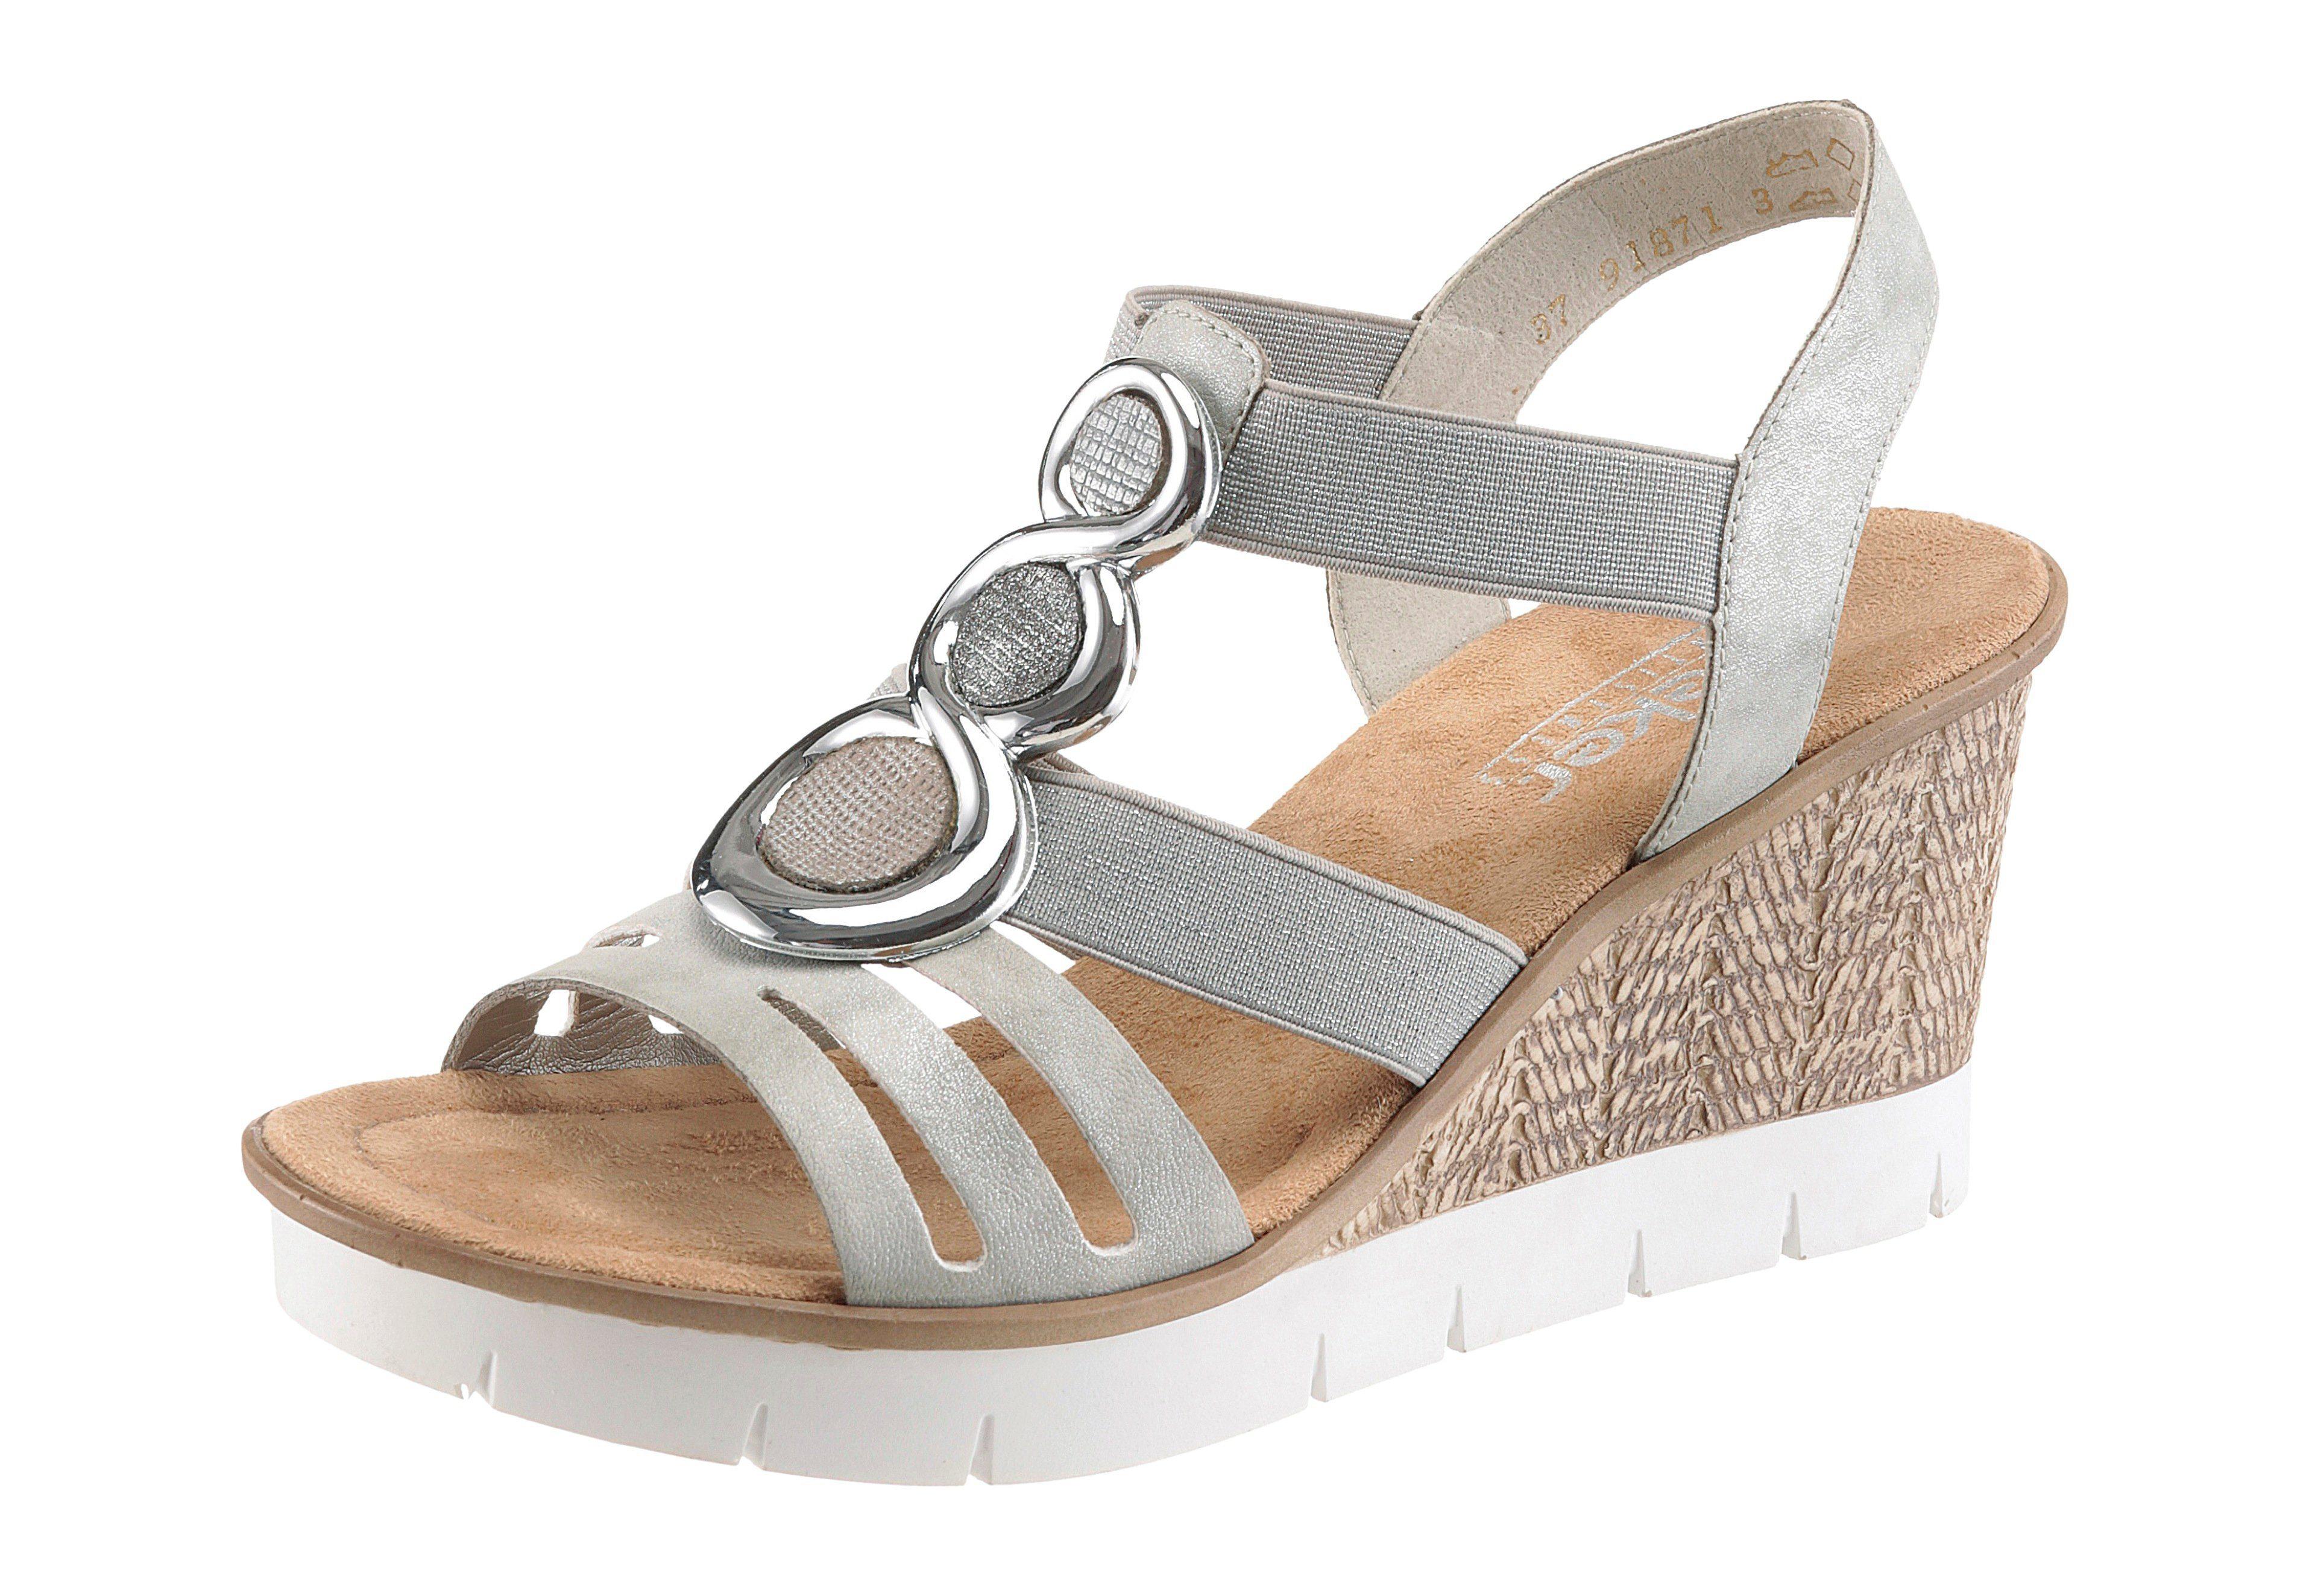 Rieker Sandalette, mit Glitzer-Steinchen, weiß, weiß-silberfarben